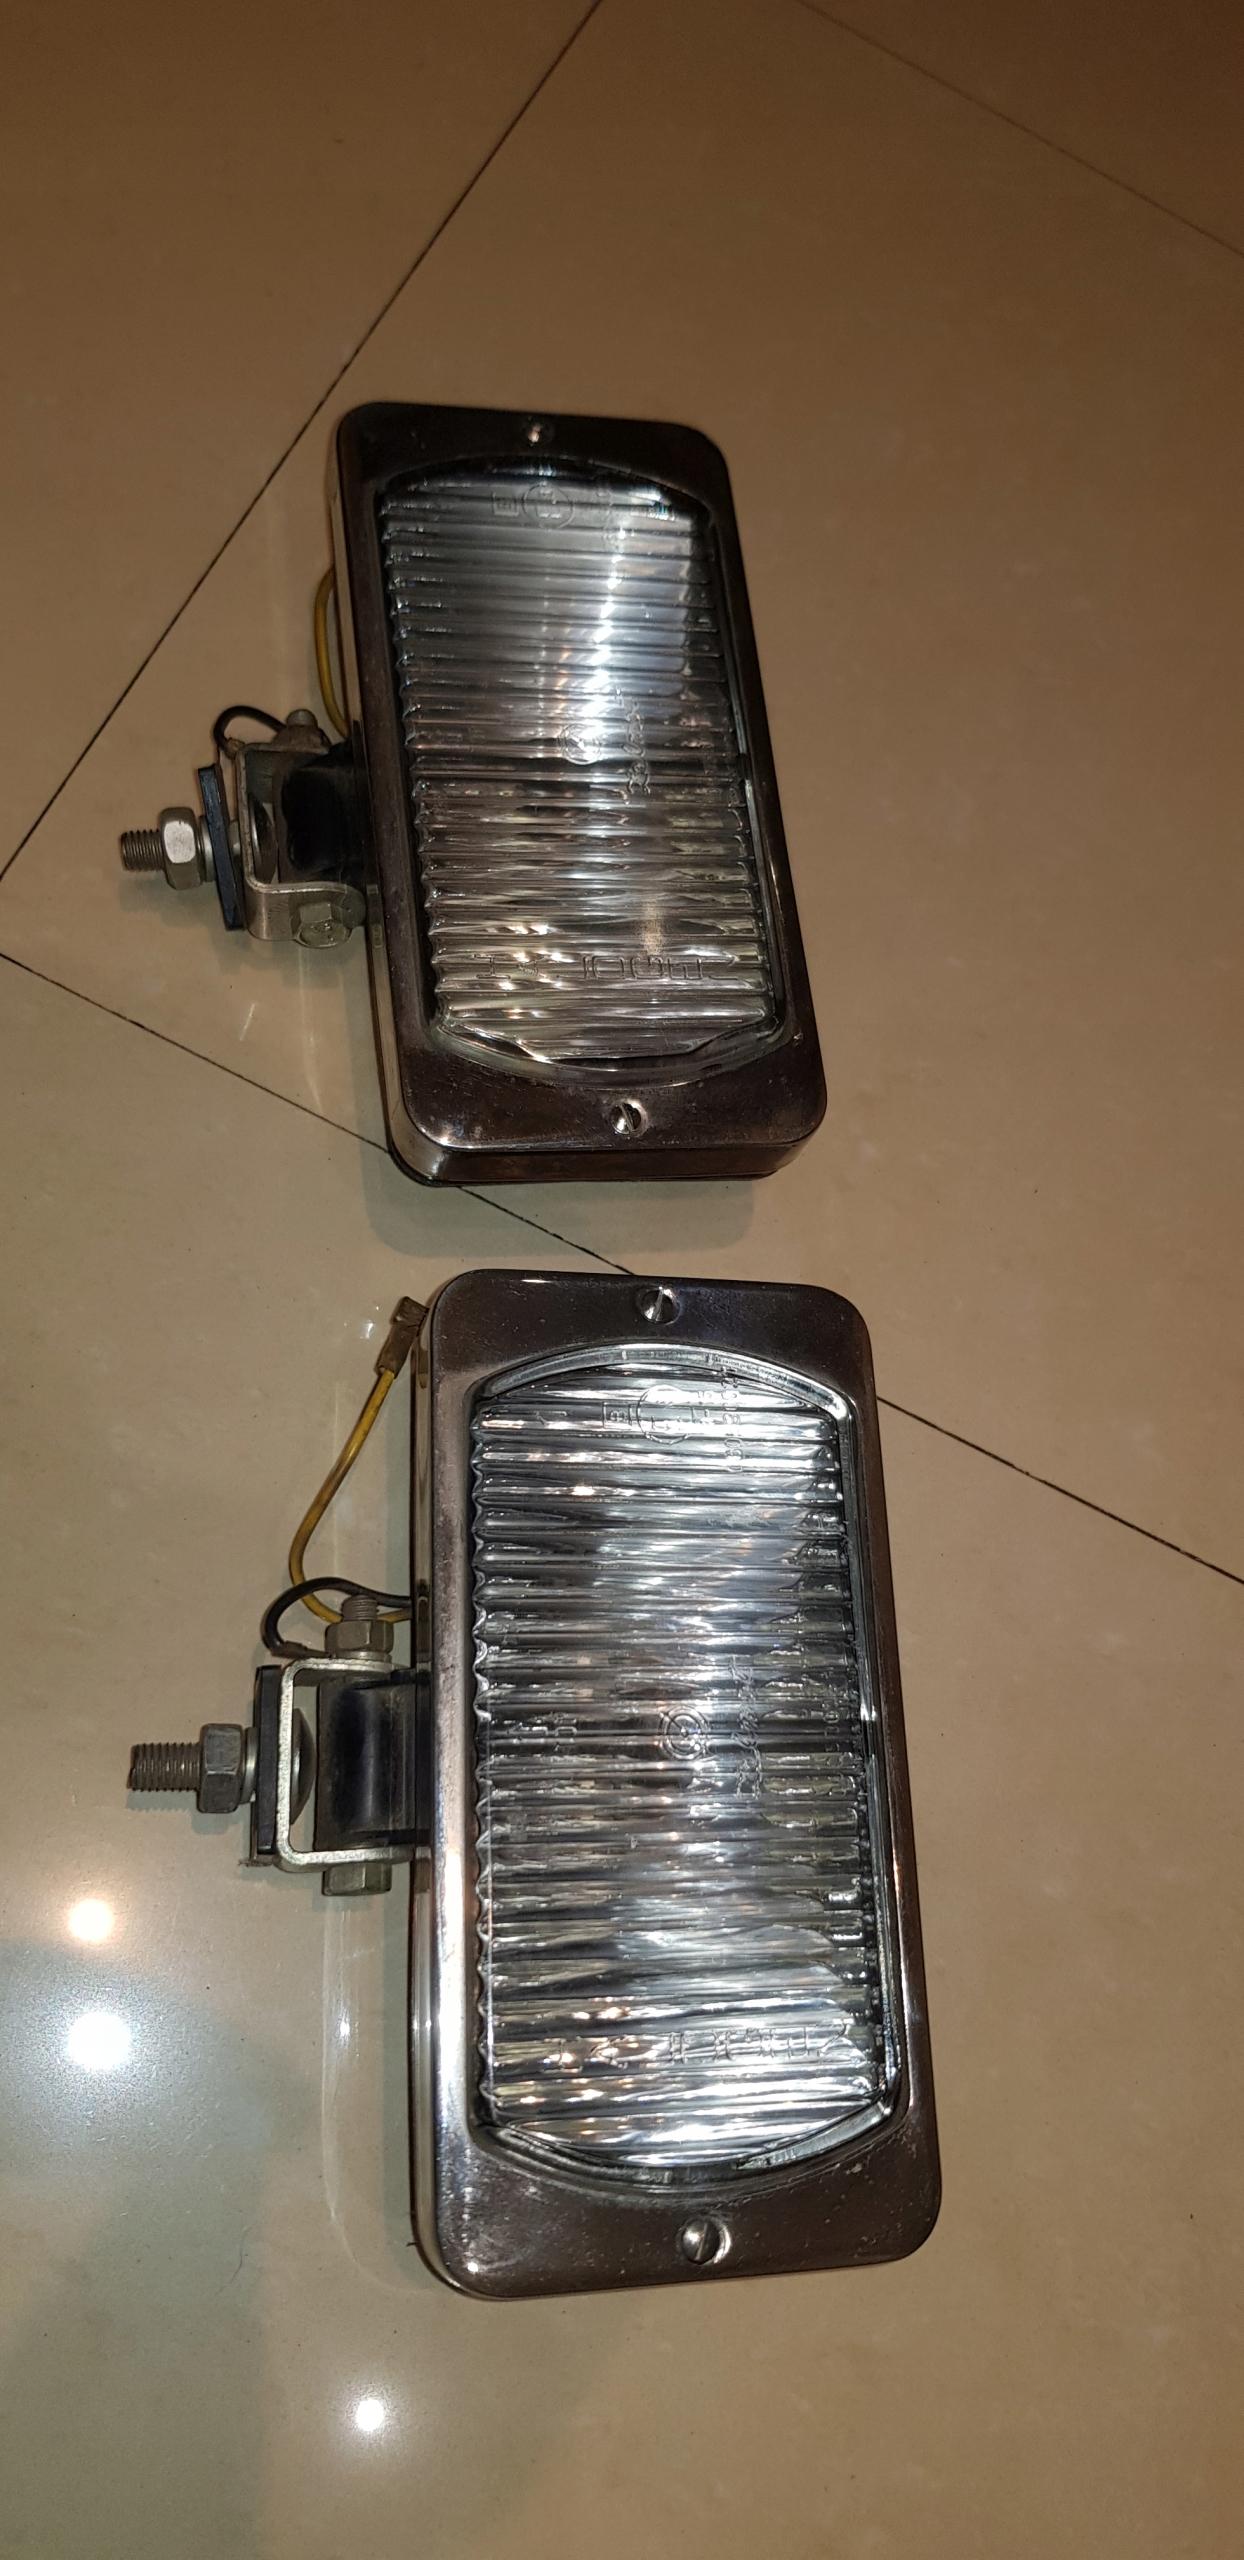 NOWE HALOGENY ZELMOT LAMPY POLONEZ DUŻY FIAT 125